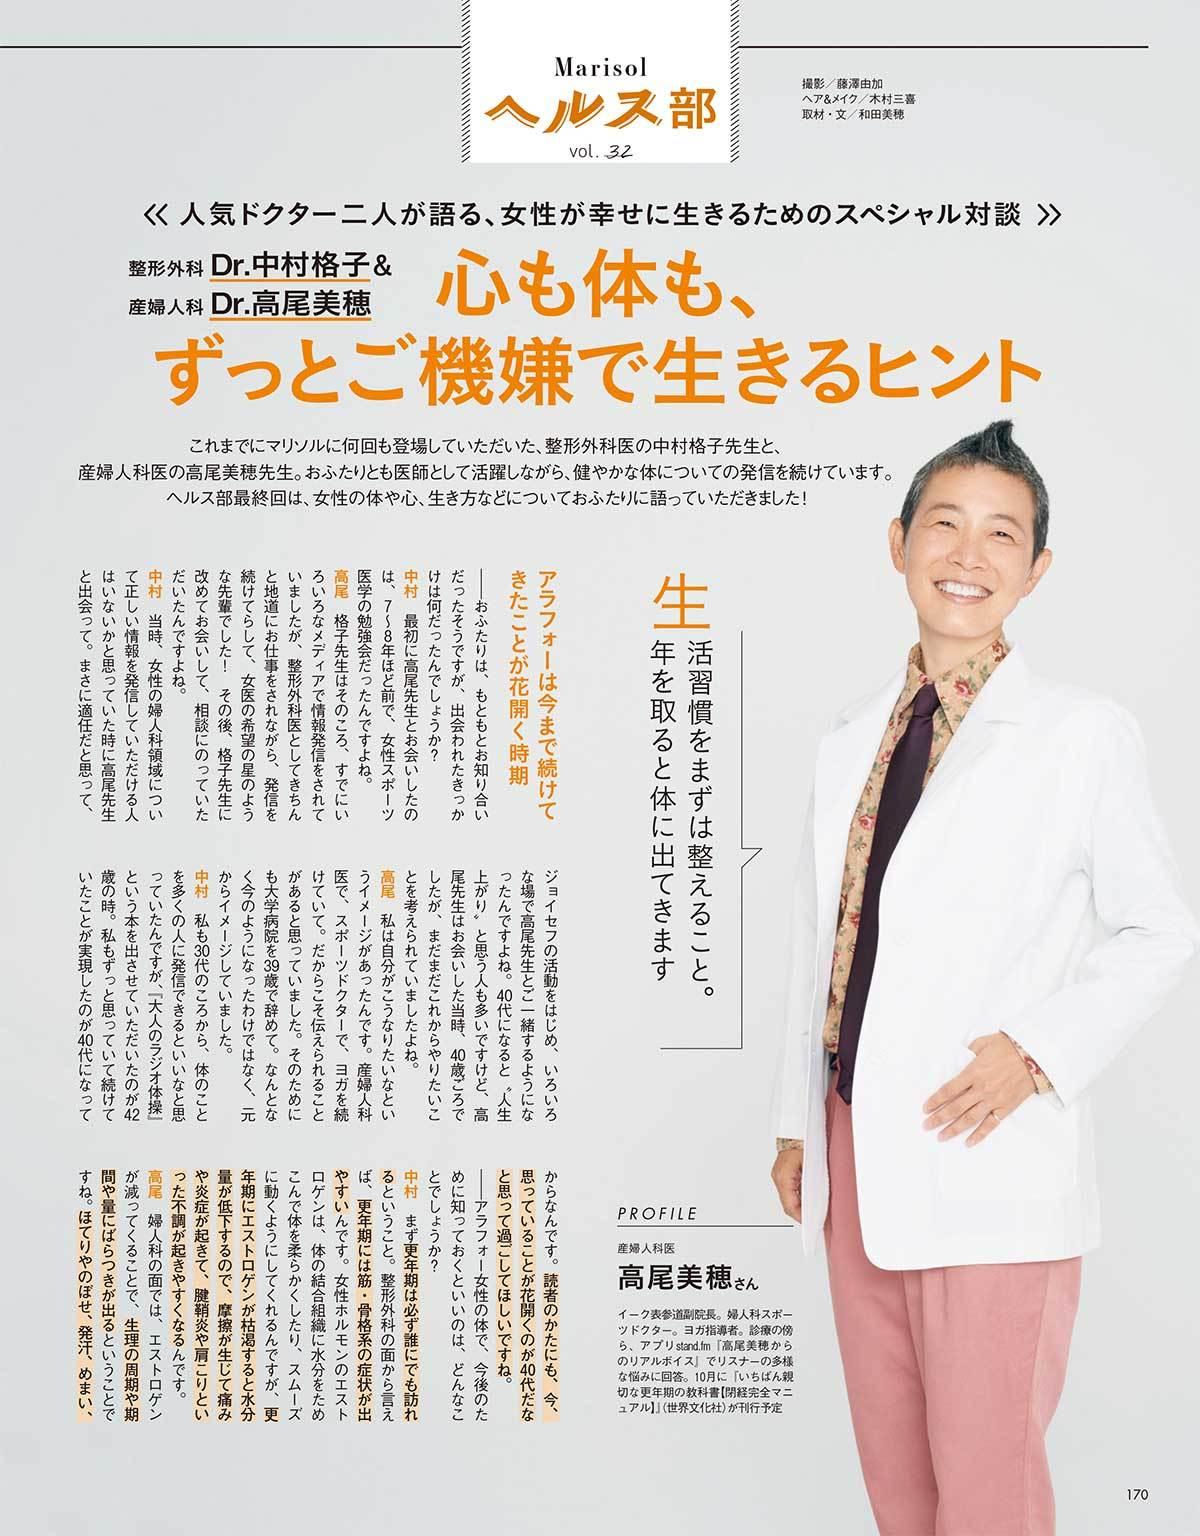 Dr.中村格子&Dr.高尾美穂 心も体も、ずっとご機嫌で生きるヒント